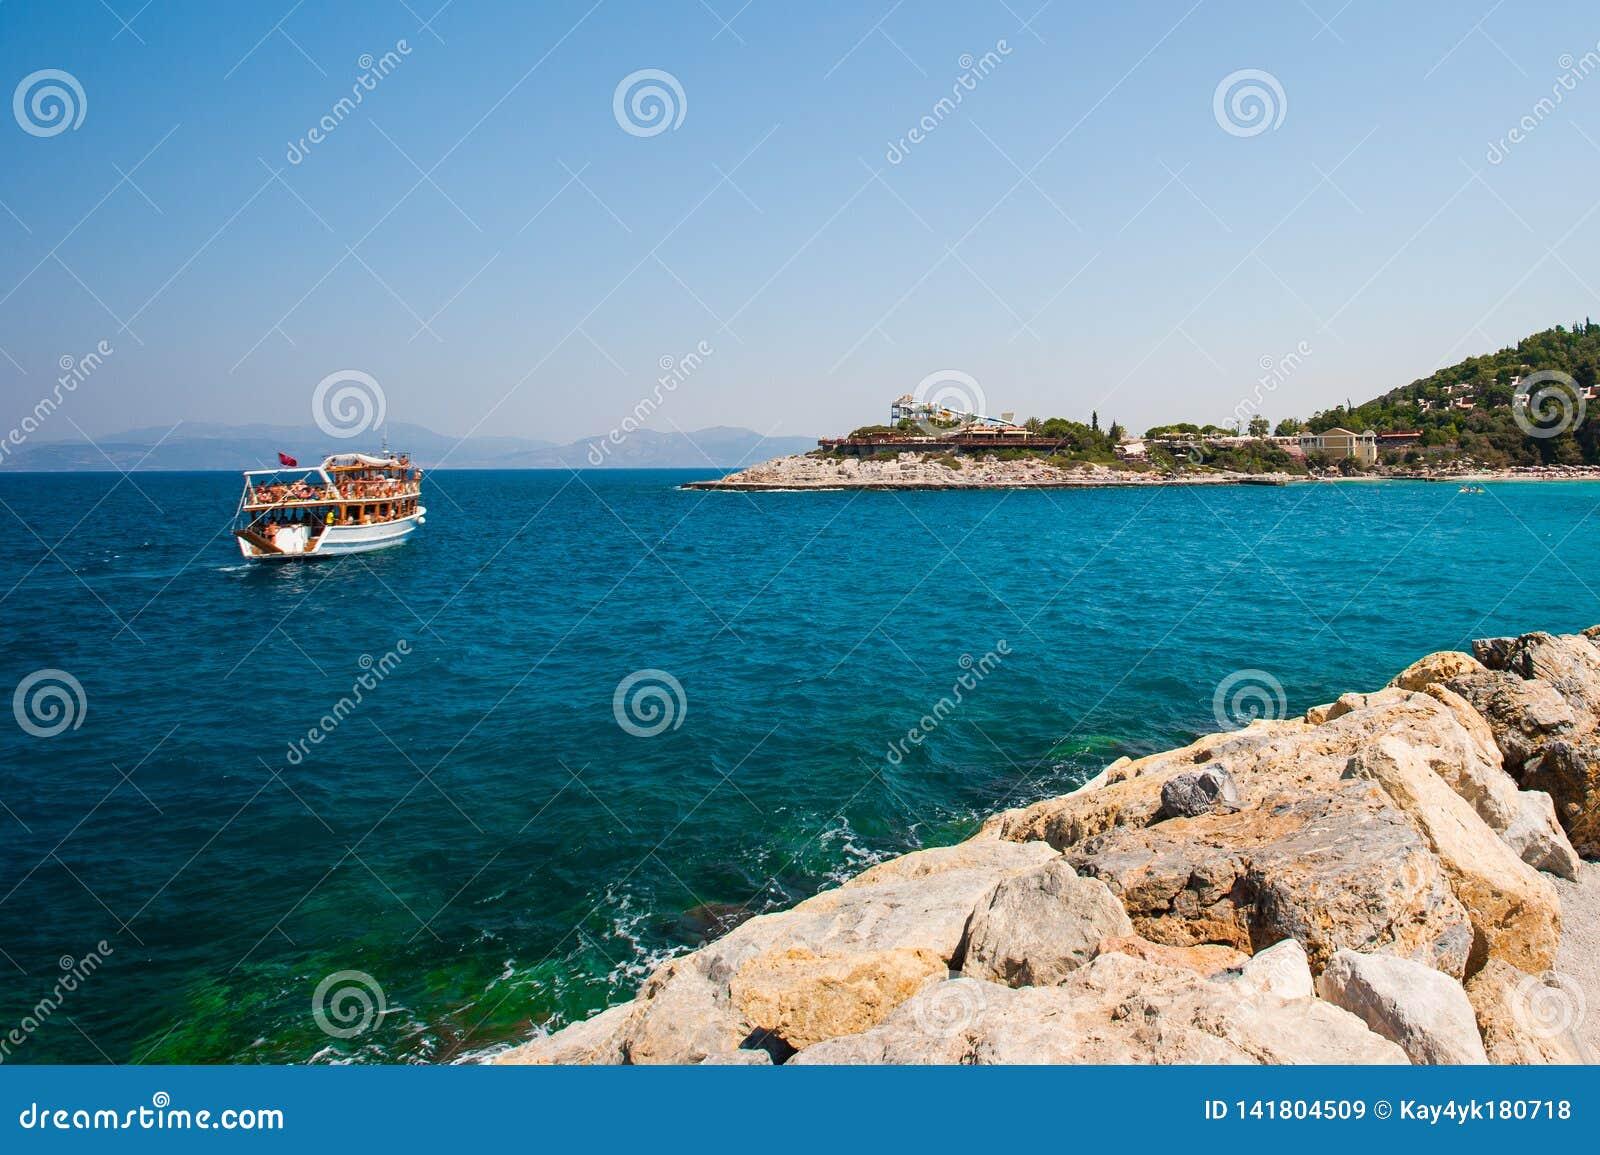 Os turistas navegaram em um barco, iate, navio perto da costa